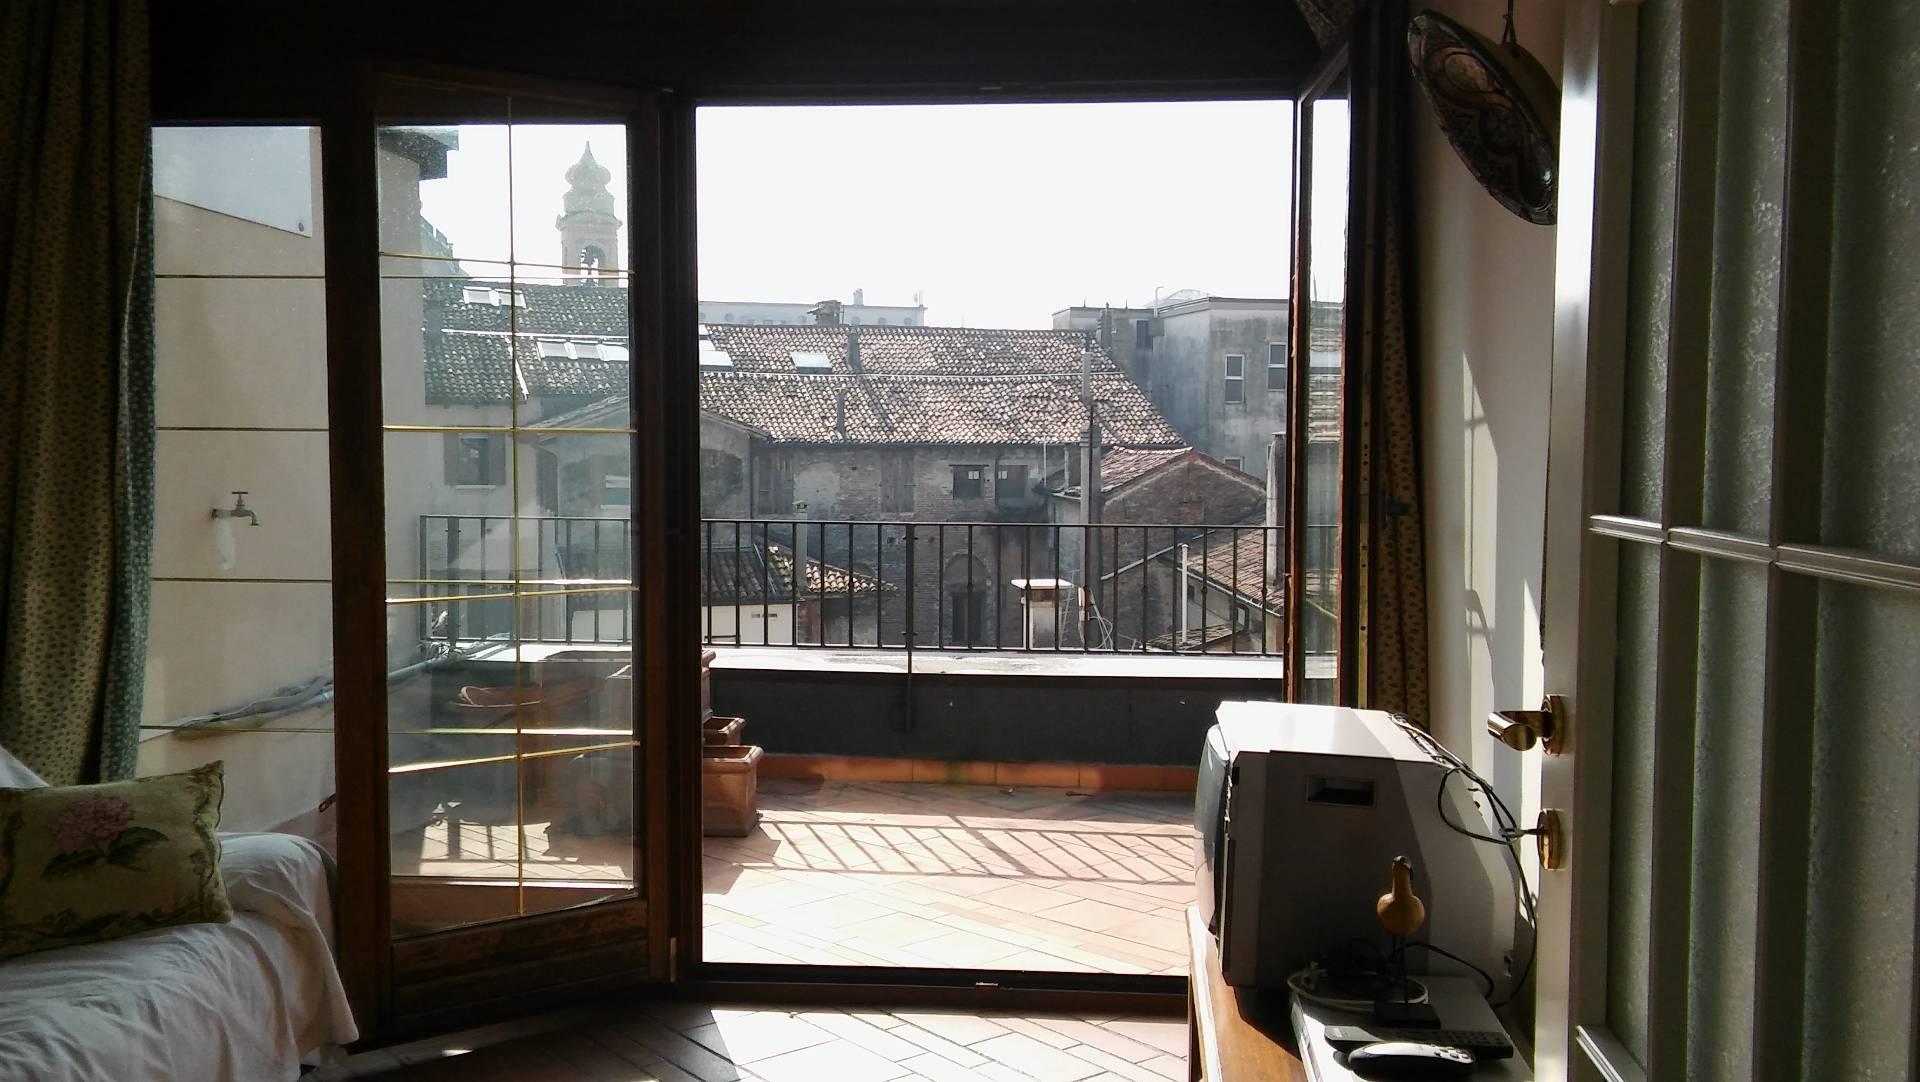 Attico / Mansarda in affitto a Treviso, 3 locali, zona Località: Centrostorico, prezzo € 850 | CambioCasa.it